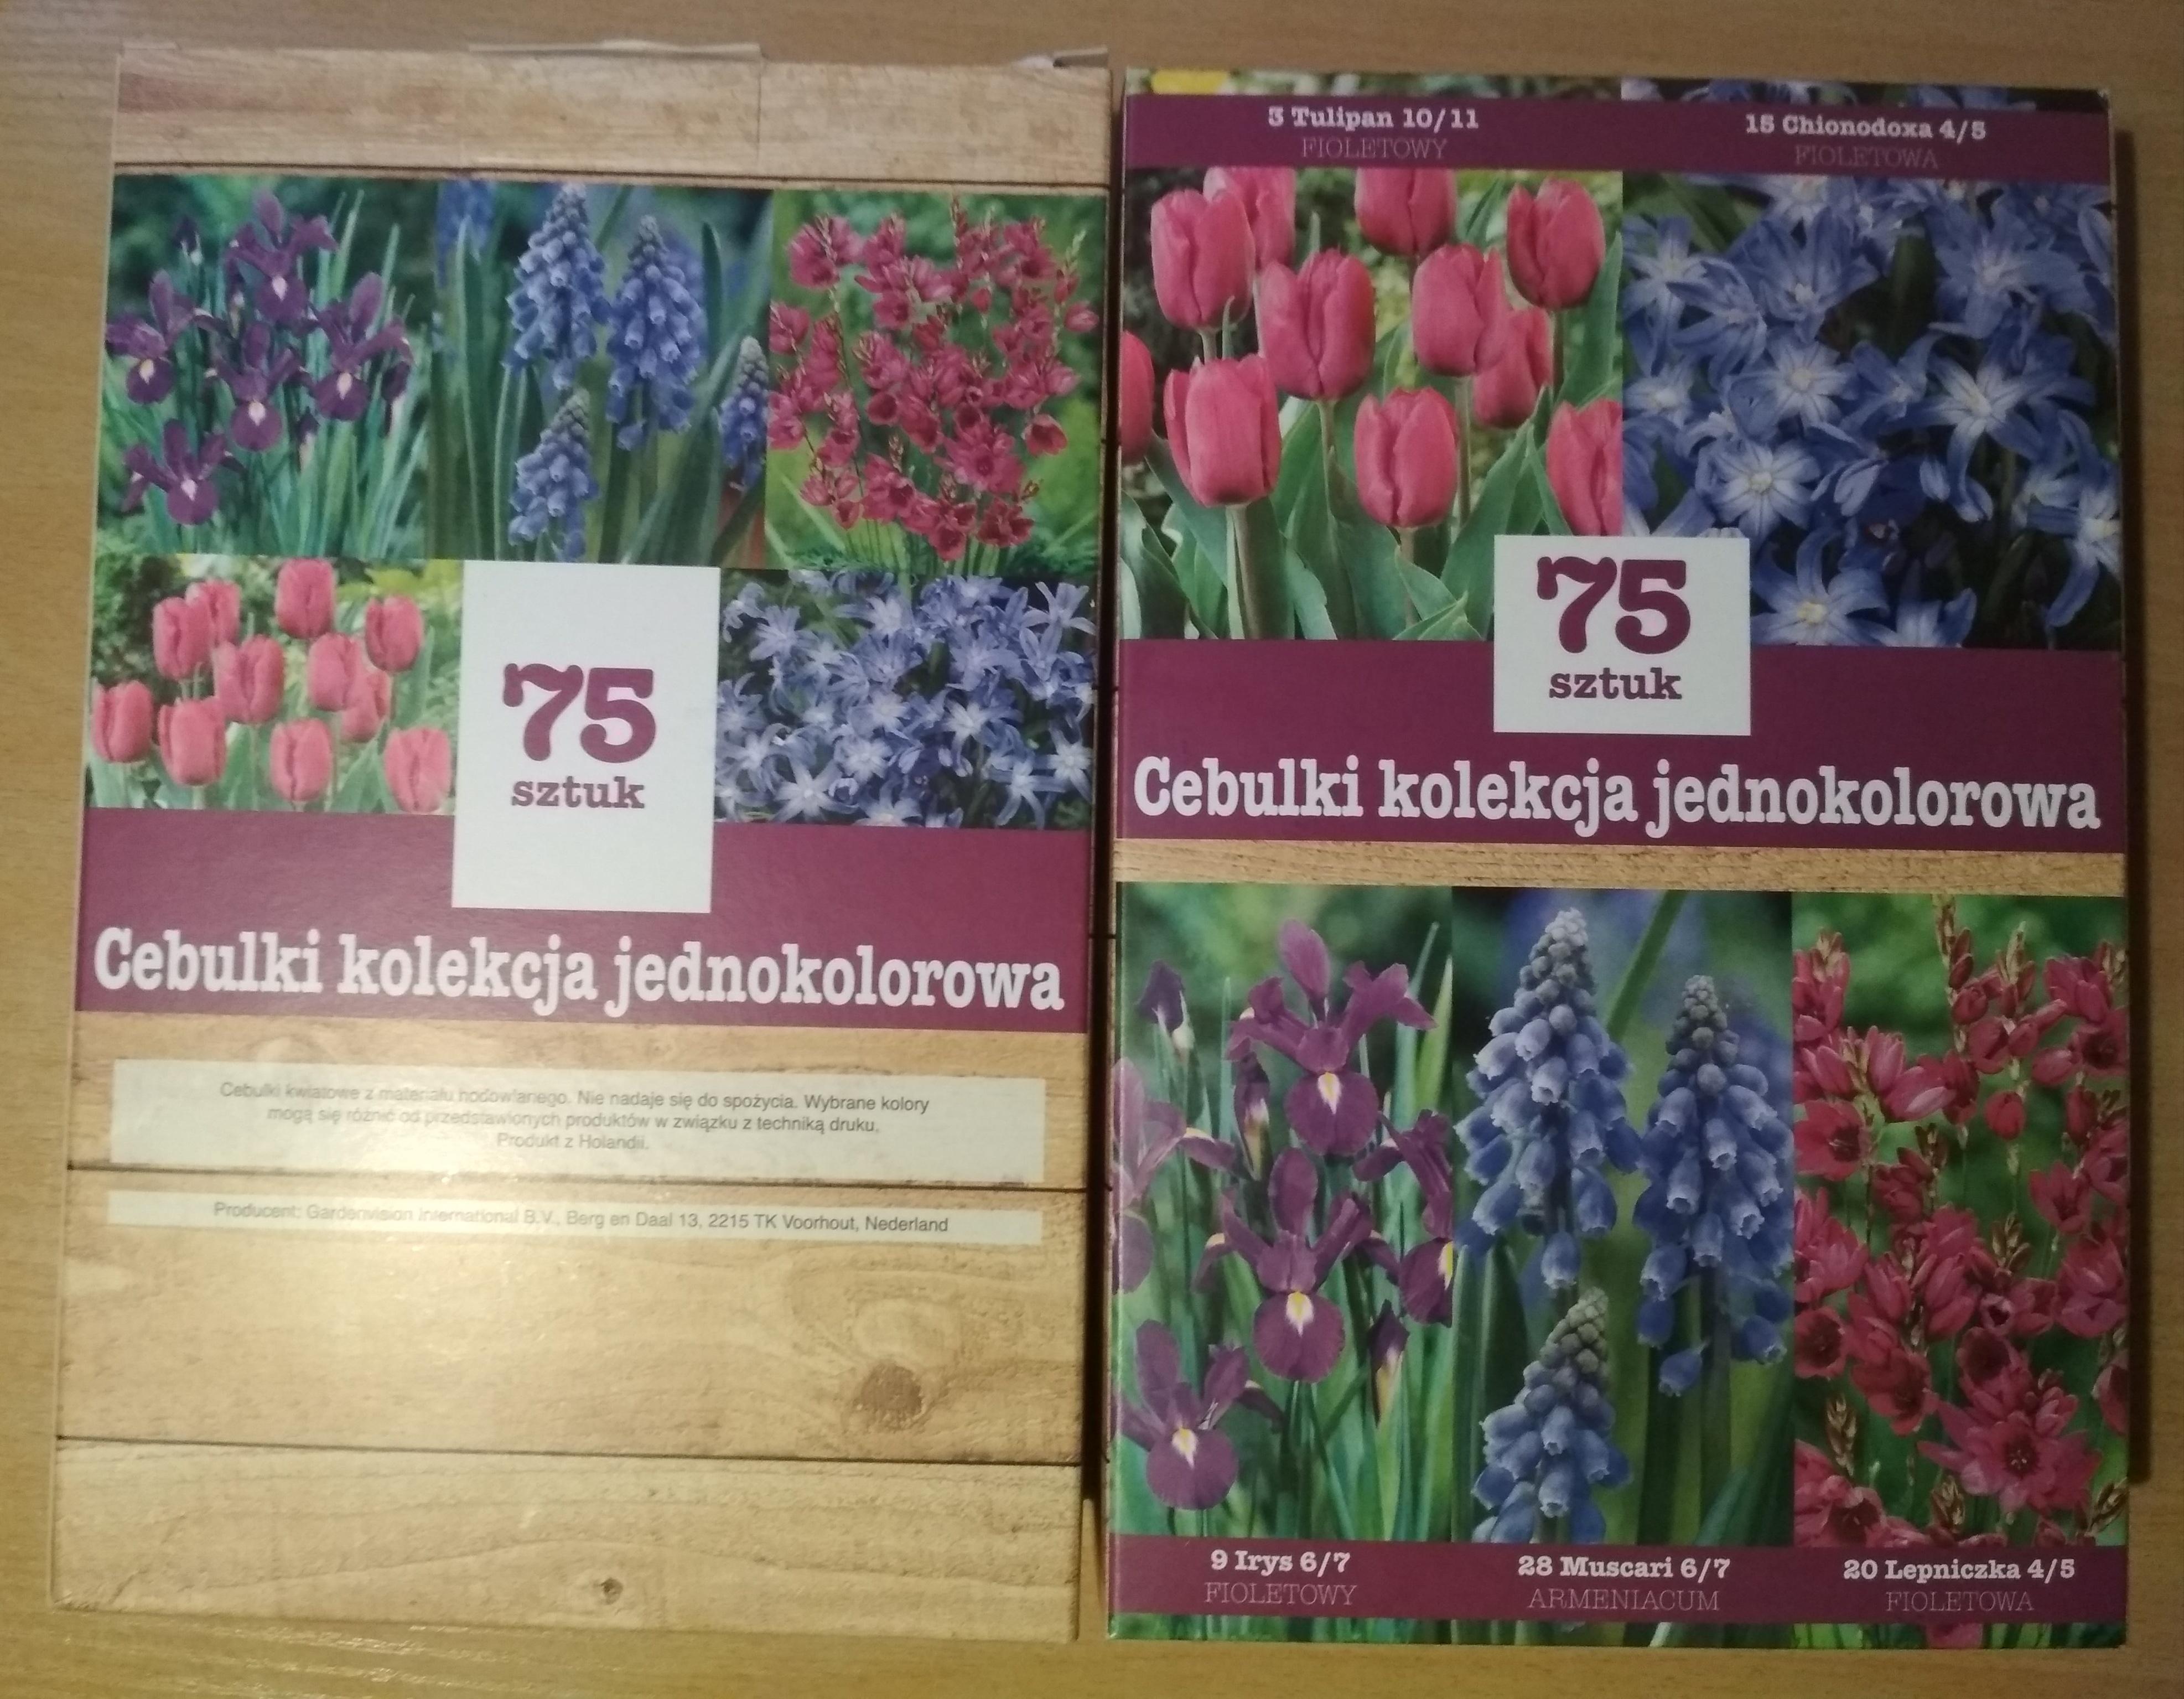 Cebulki kwiatów 75szt/3,99zł @Biedronka